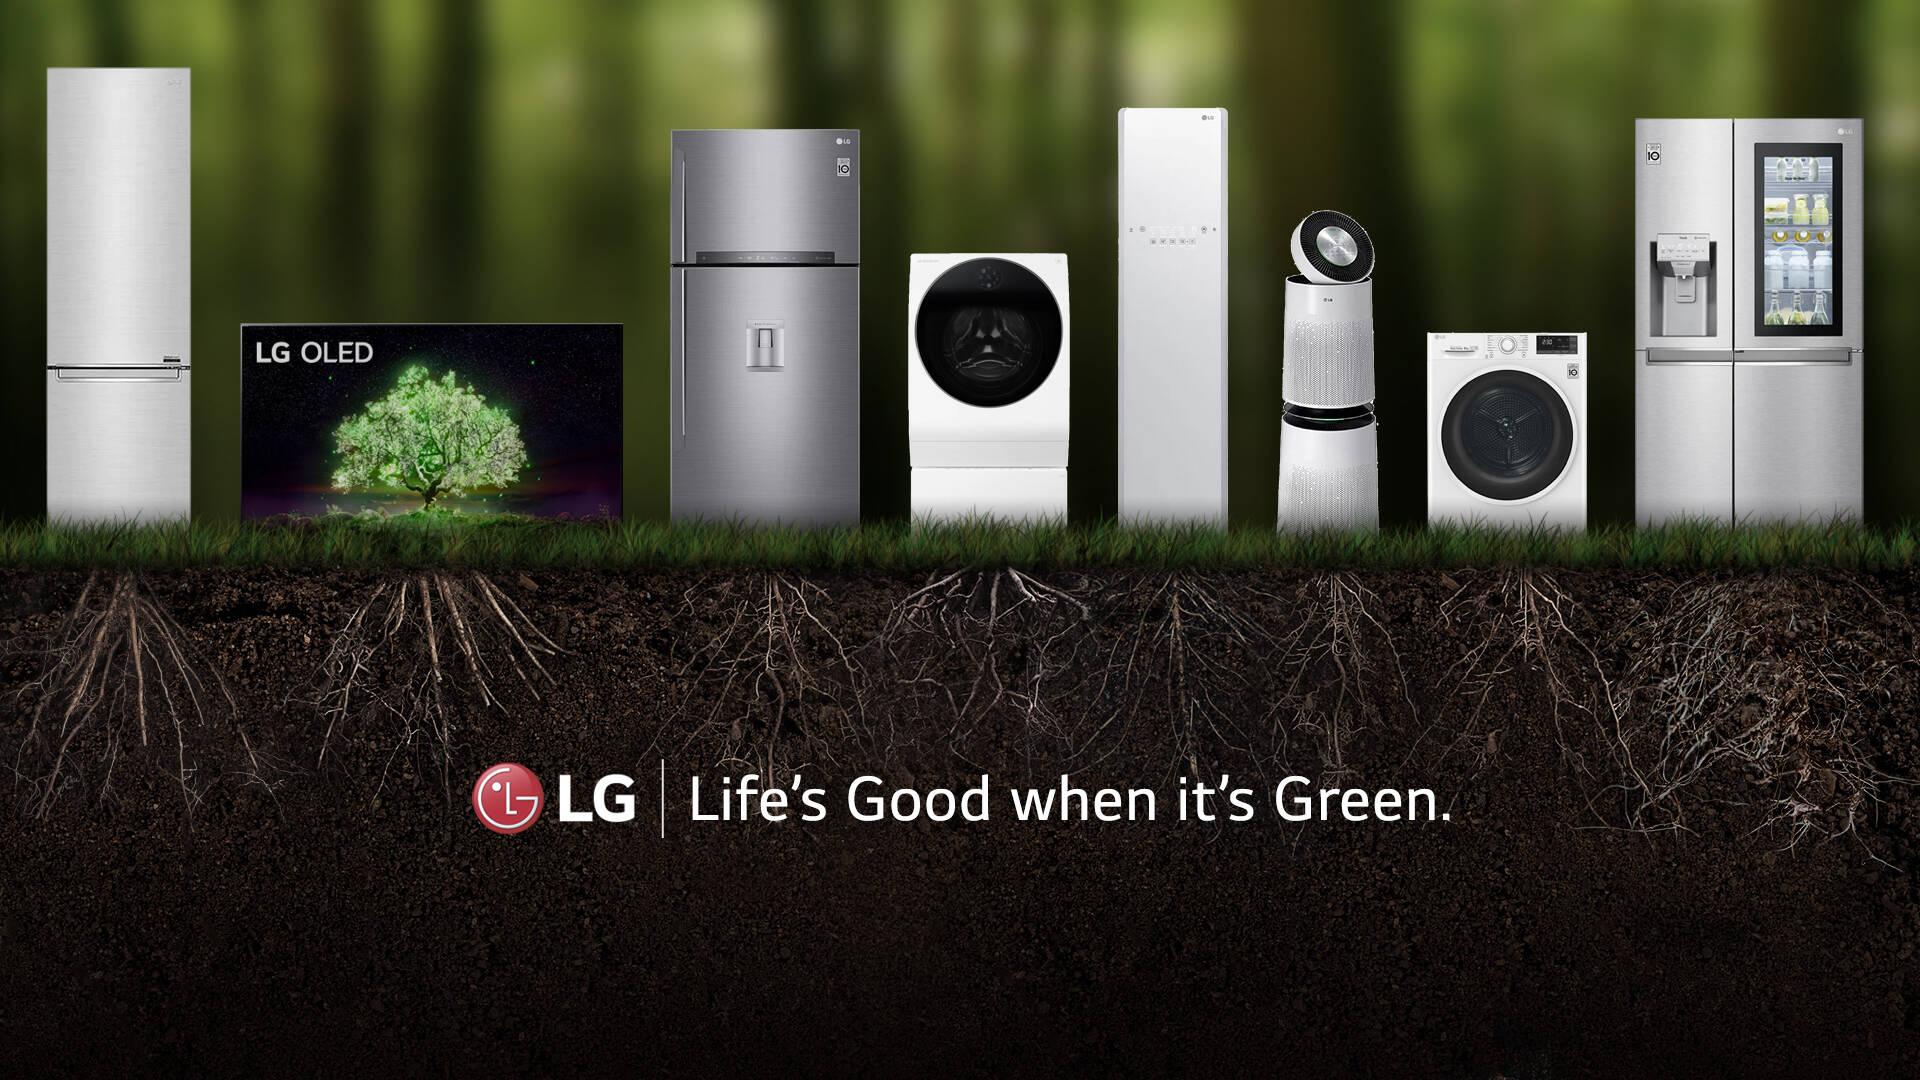 LG sostenibilità ambientale